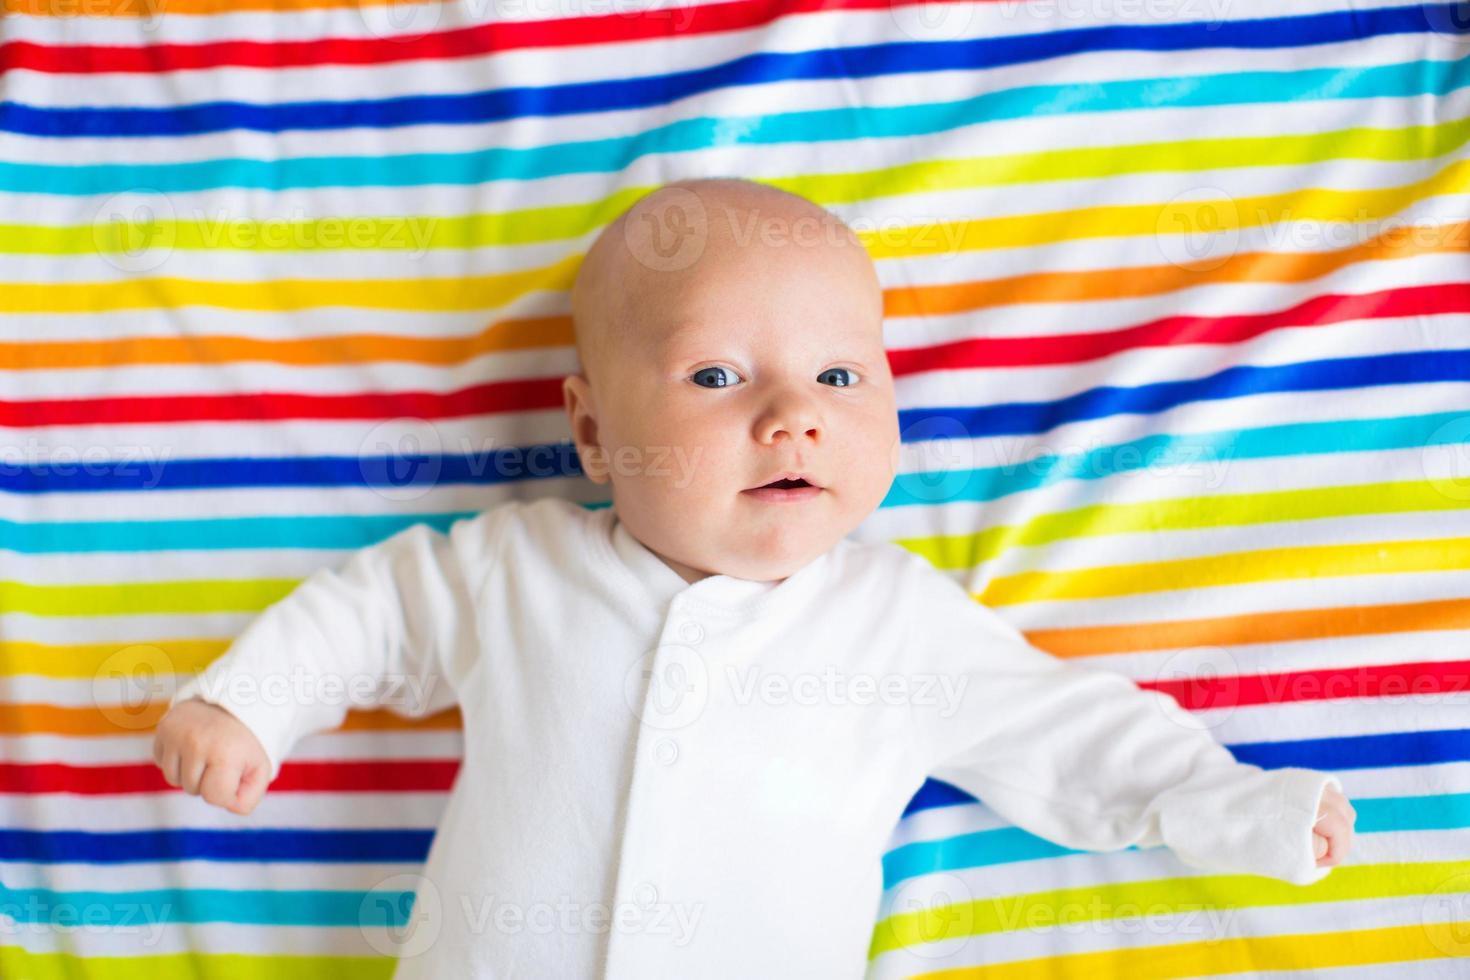 söt baby på en färgglad filt foto